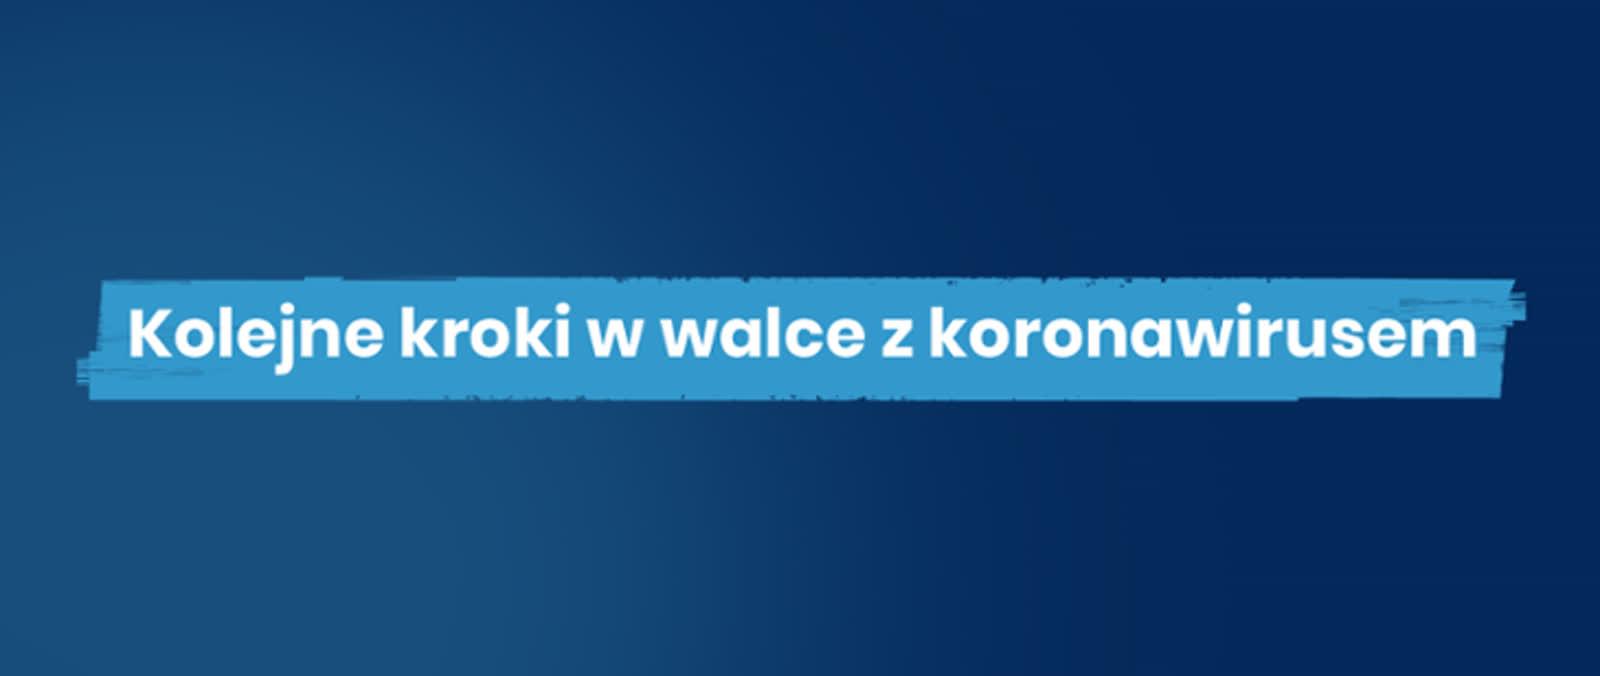 Rząd wprowadza kolejne obostrzenia w walce z koronawirusem [LISTA] – Polskie Radio Lublin